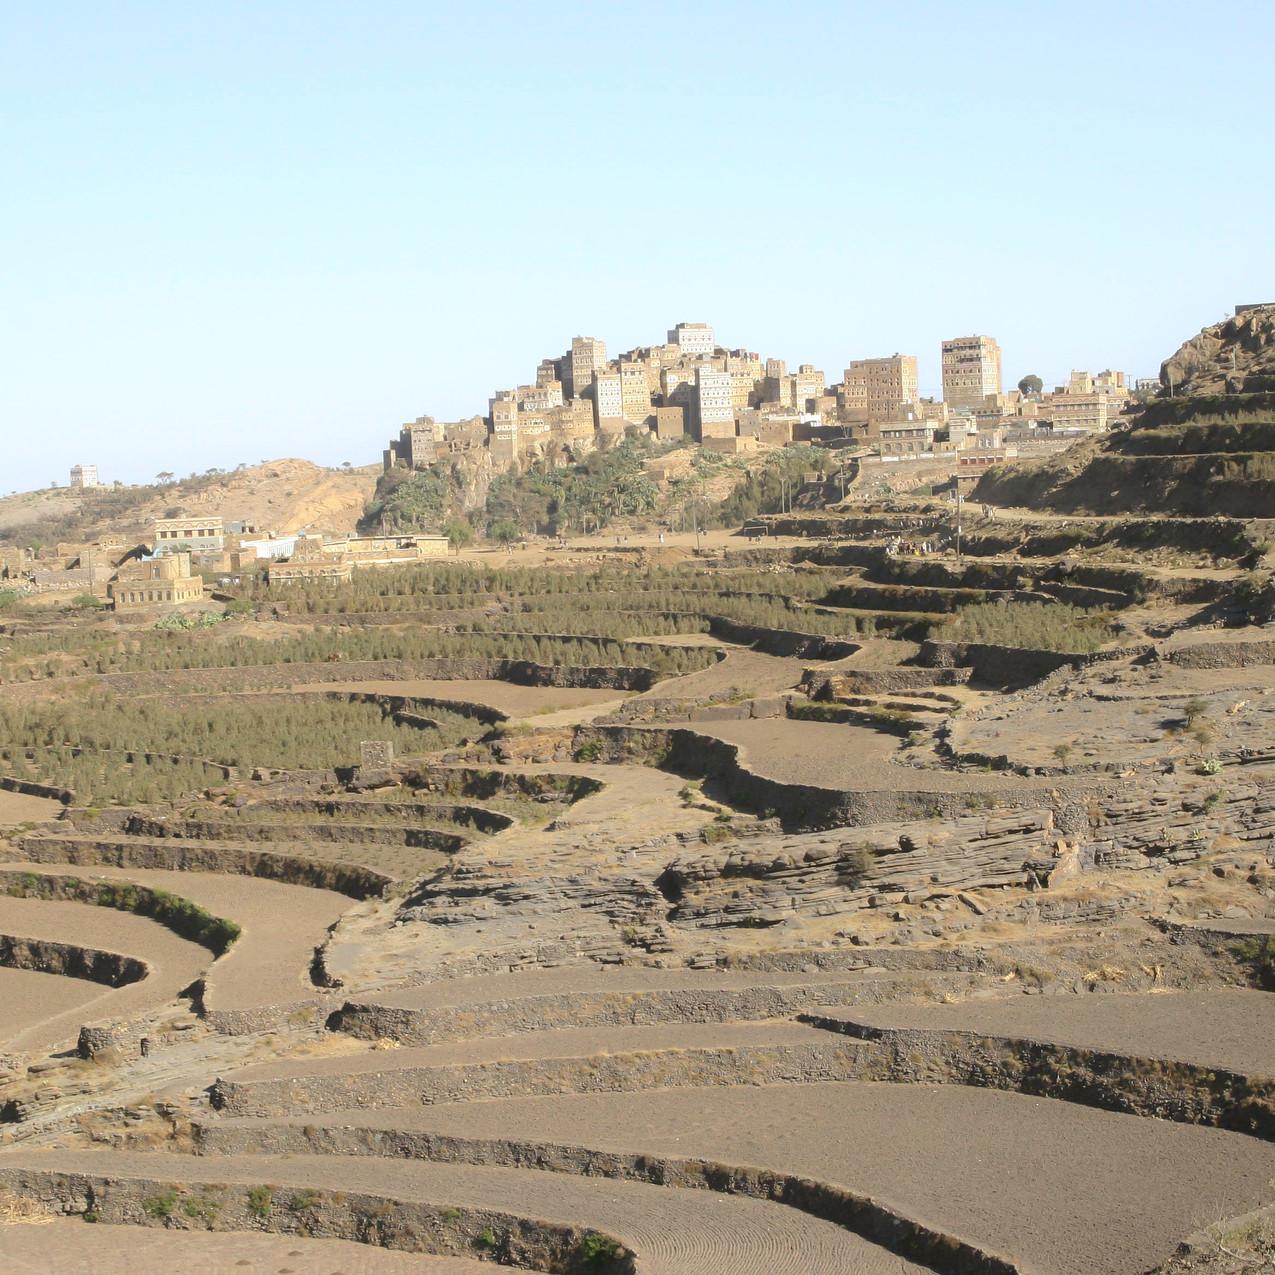 Khat- terrace cultivation